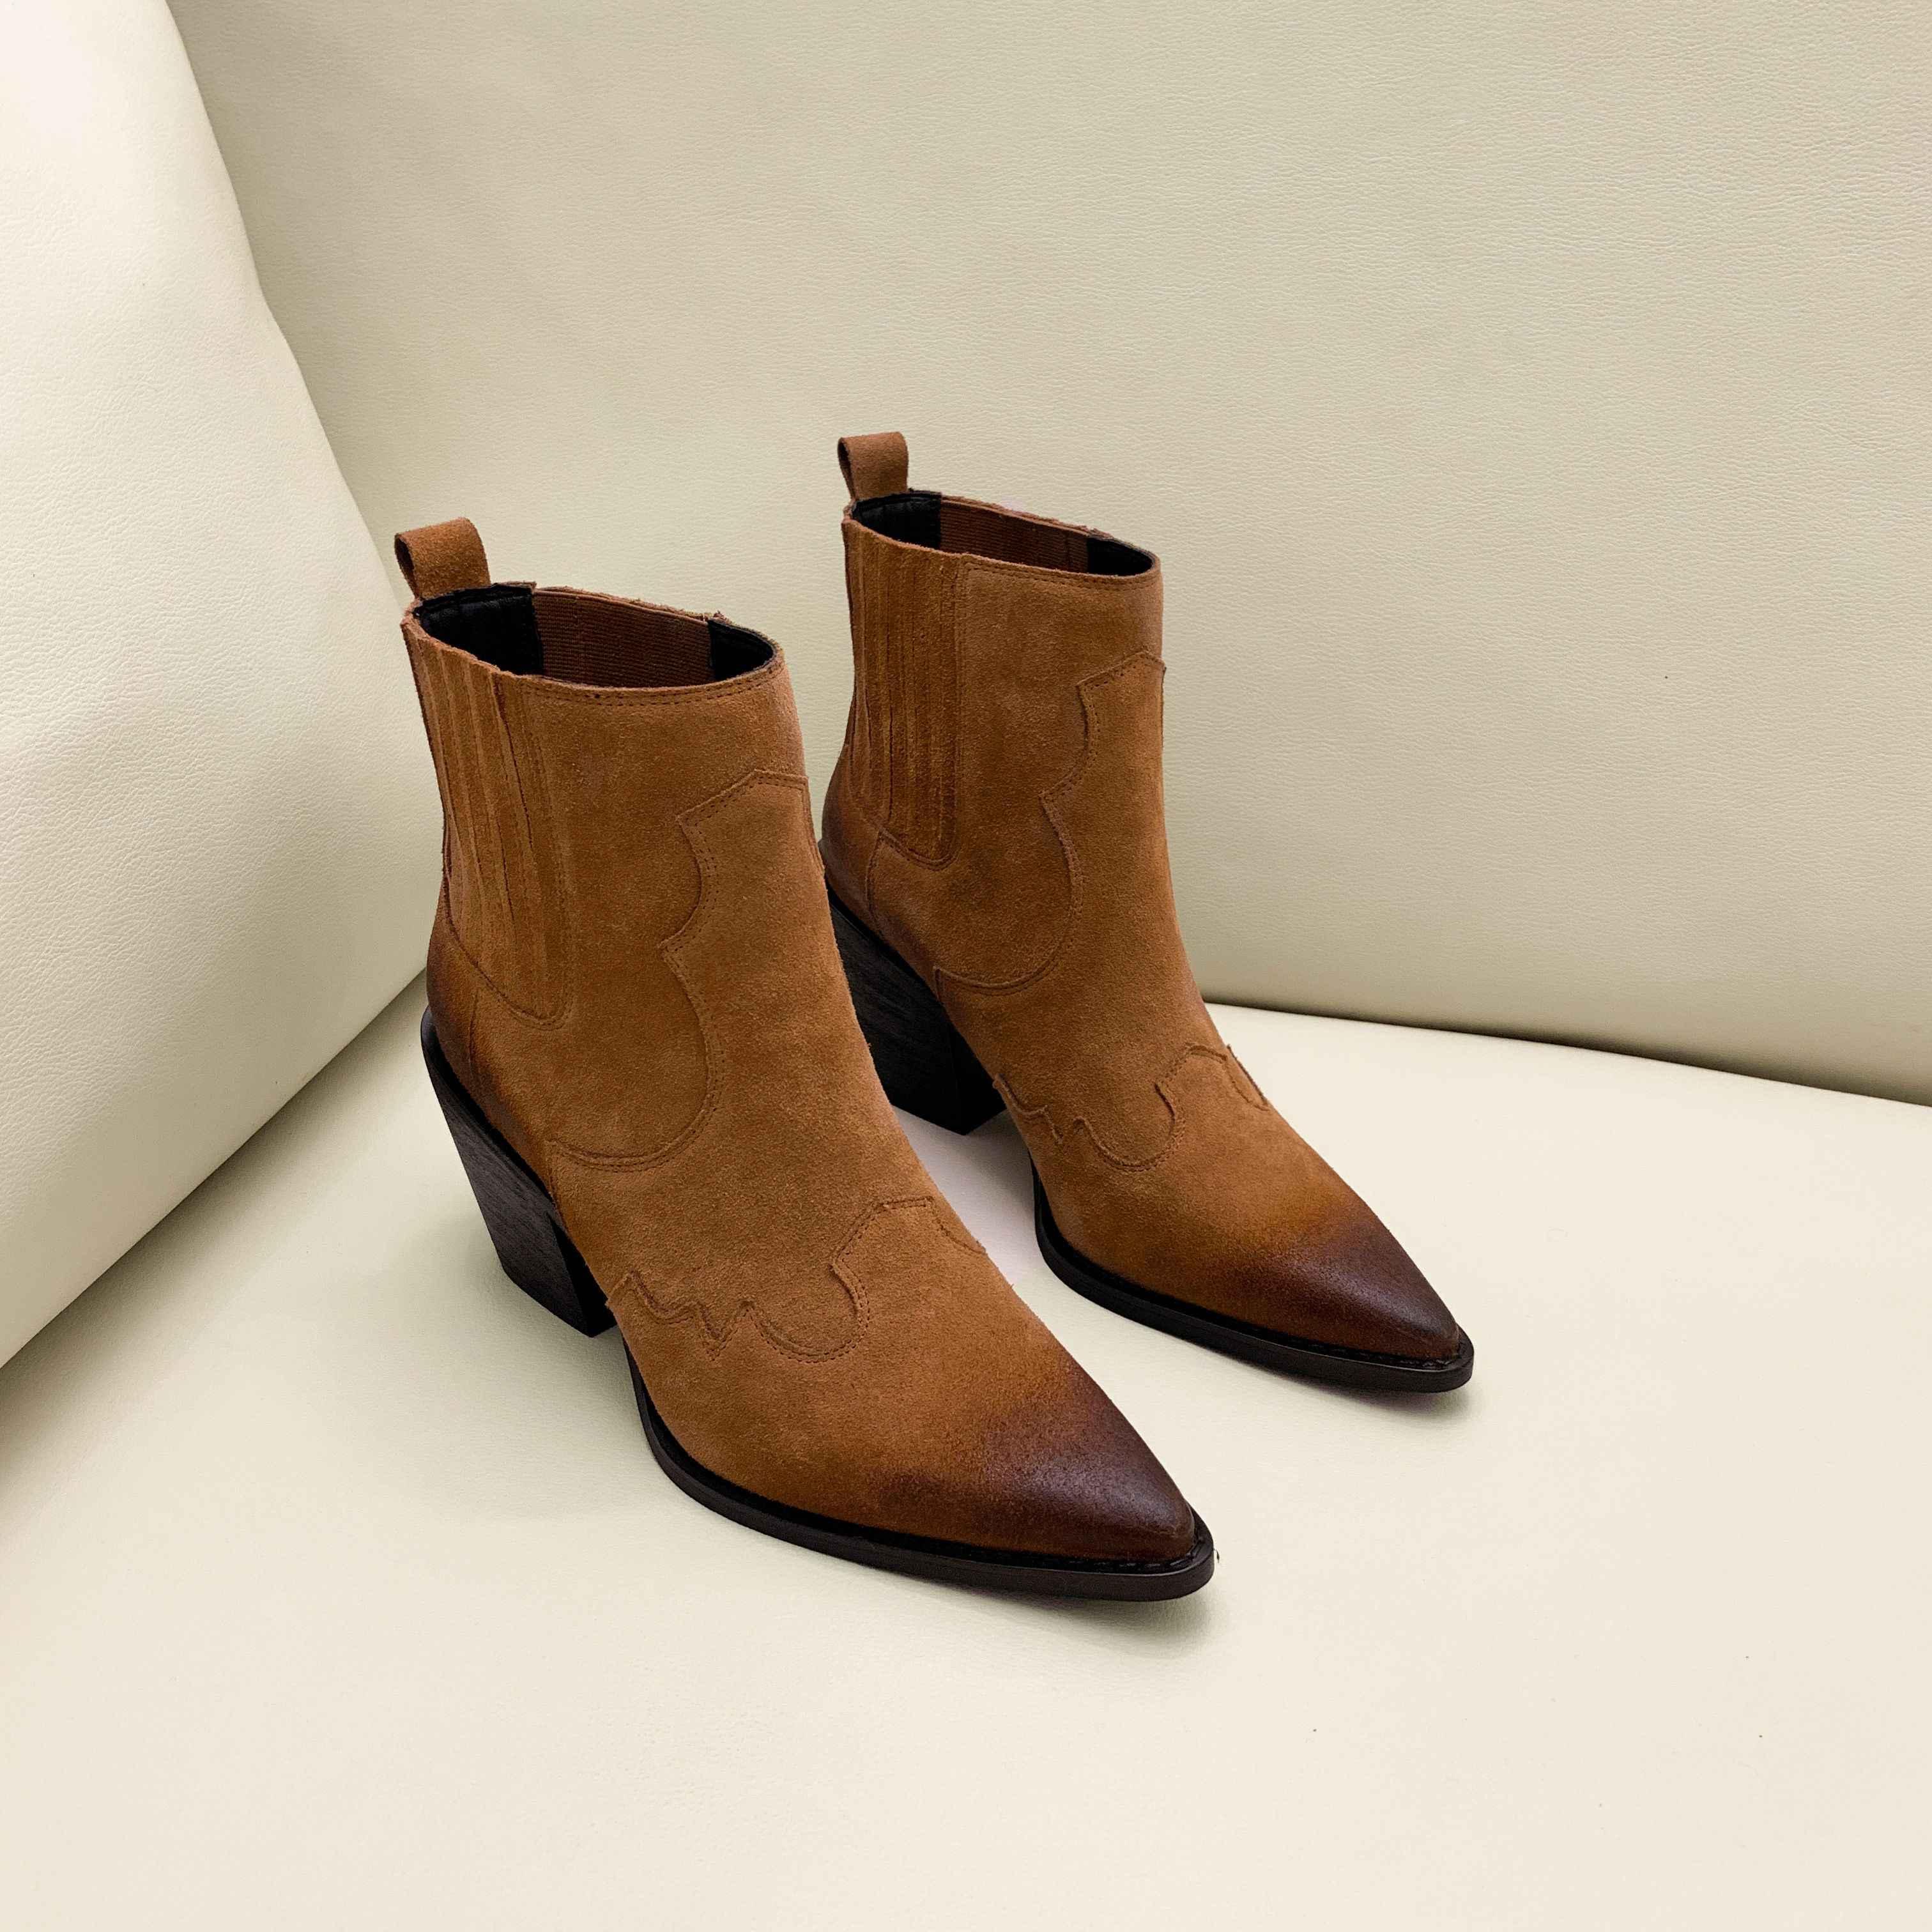 หนังรองเท้าผู้หญิง Pointed Toe กลางส้นหนารองเท้าส้น SLIP ON Western รองเท้าบูทคาวบอยผู้หญิง 2019 ใหม่